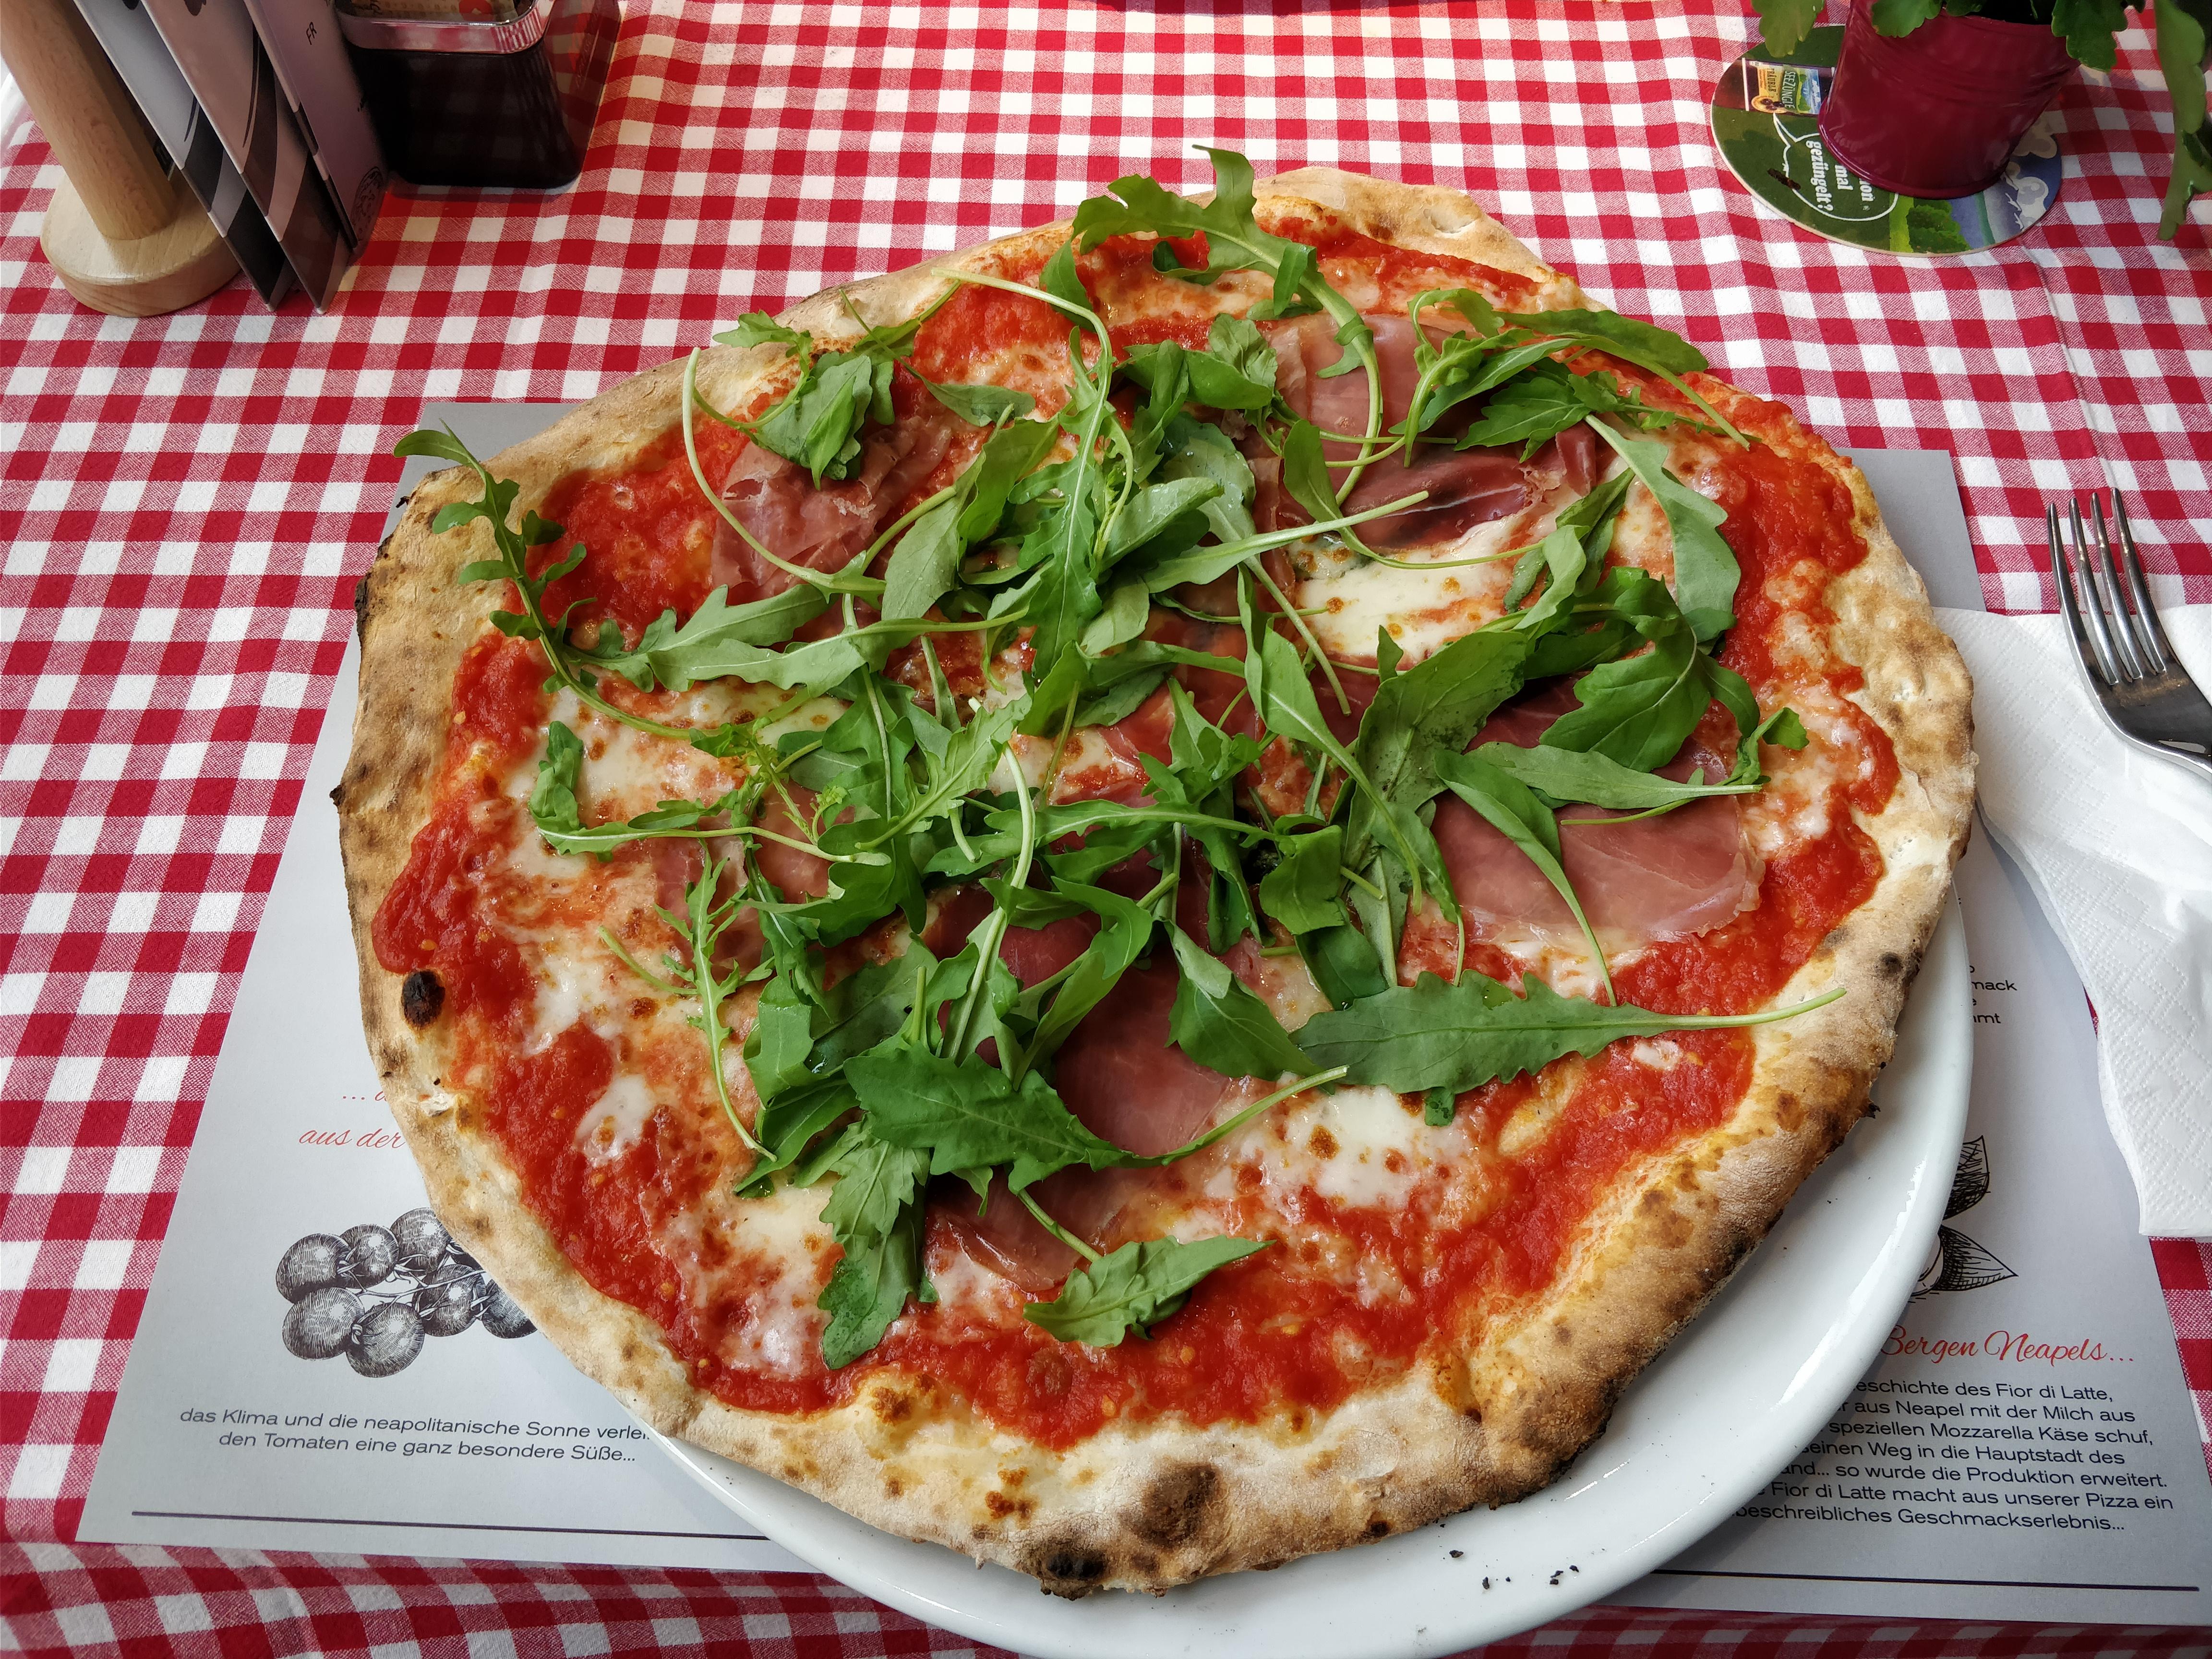 http://foodloader.net/nico_2017-10-11_pizza-parma-schinken-roucola.jpg